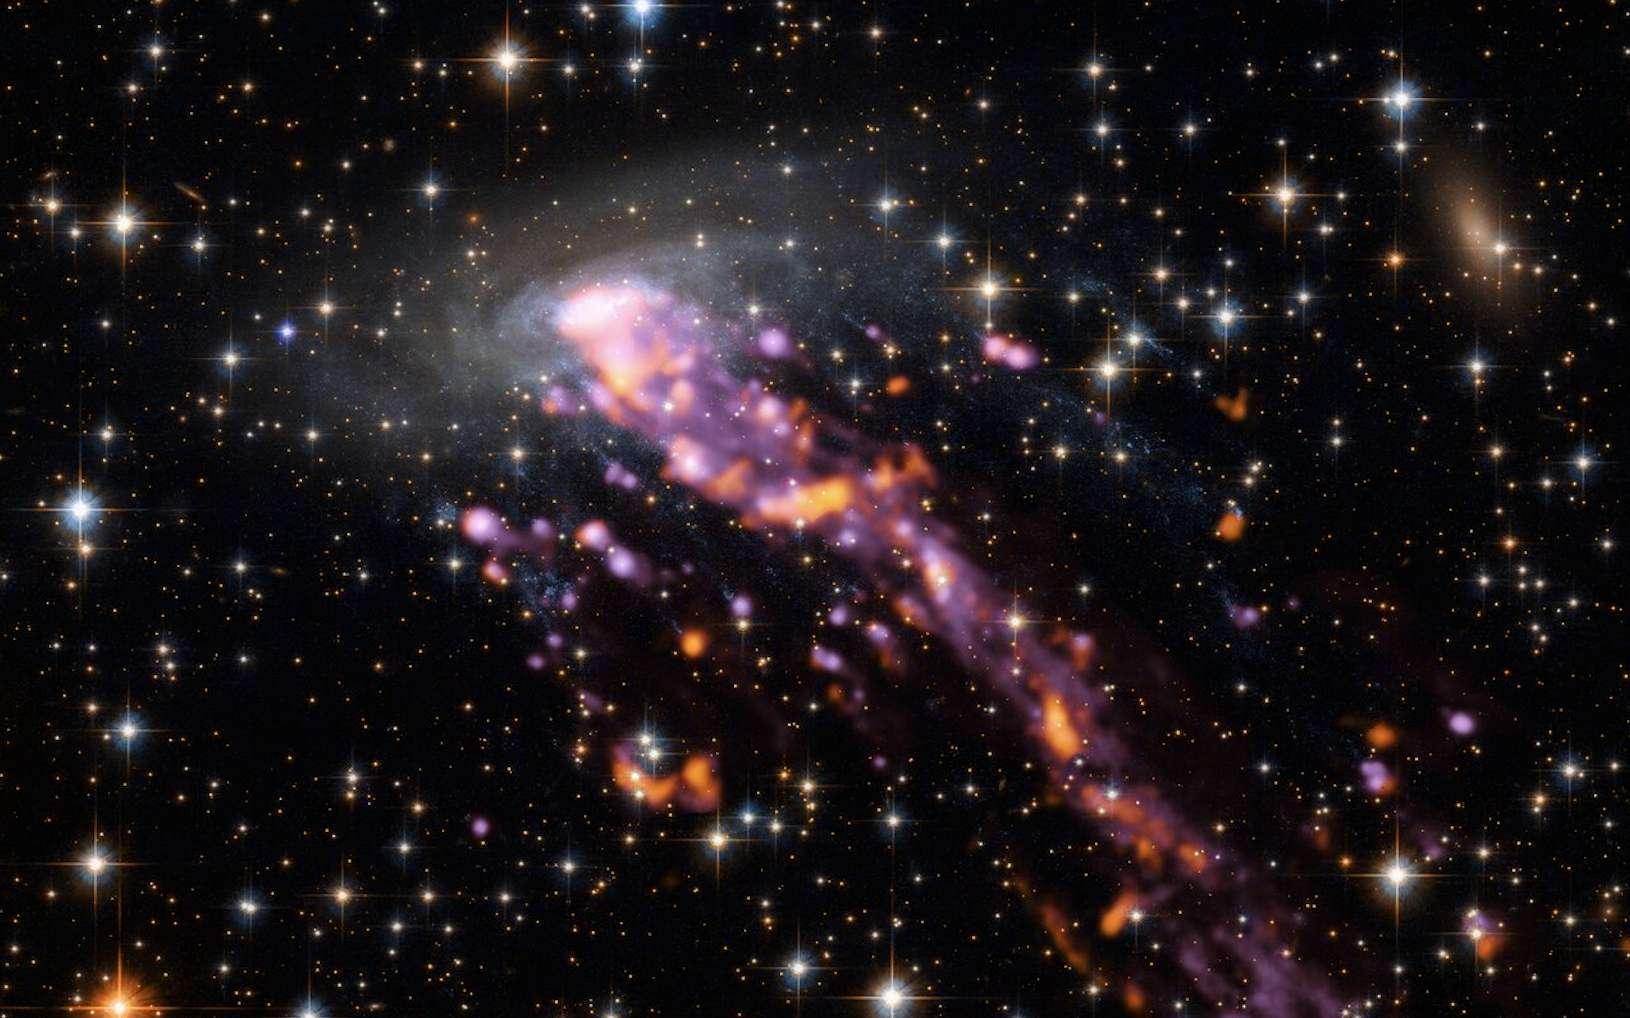 La galaxie-méduse ESO137-001 est représentée ici avec de superbes détails. En utilisant les yeux détaillés d'Alma et du VLT d'ESO, les astronomes ont cartographié les queues intenses d'une méduse cosmique. © ESO